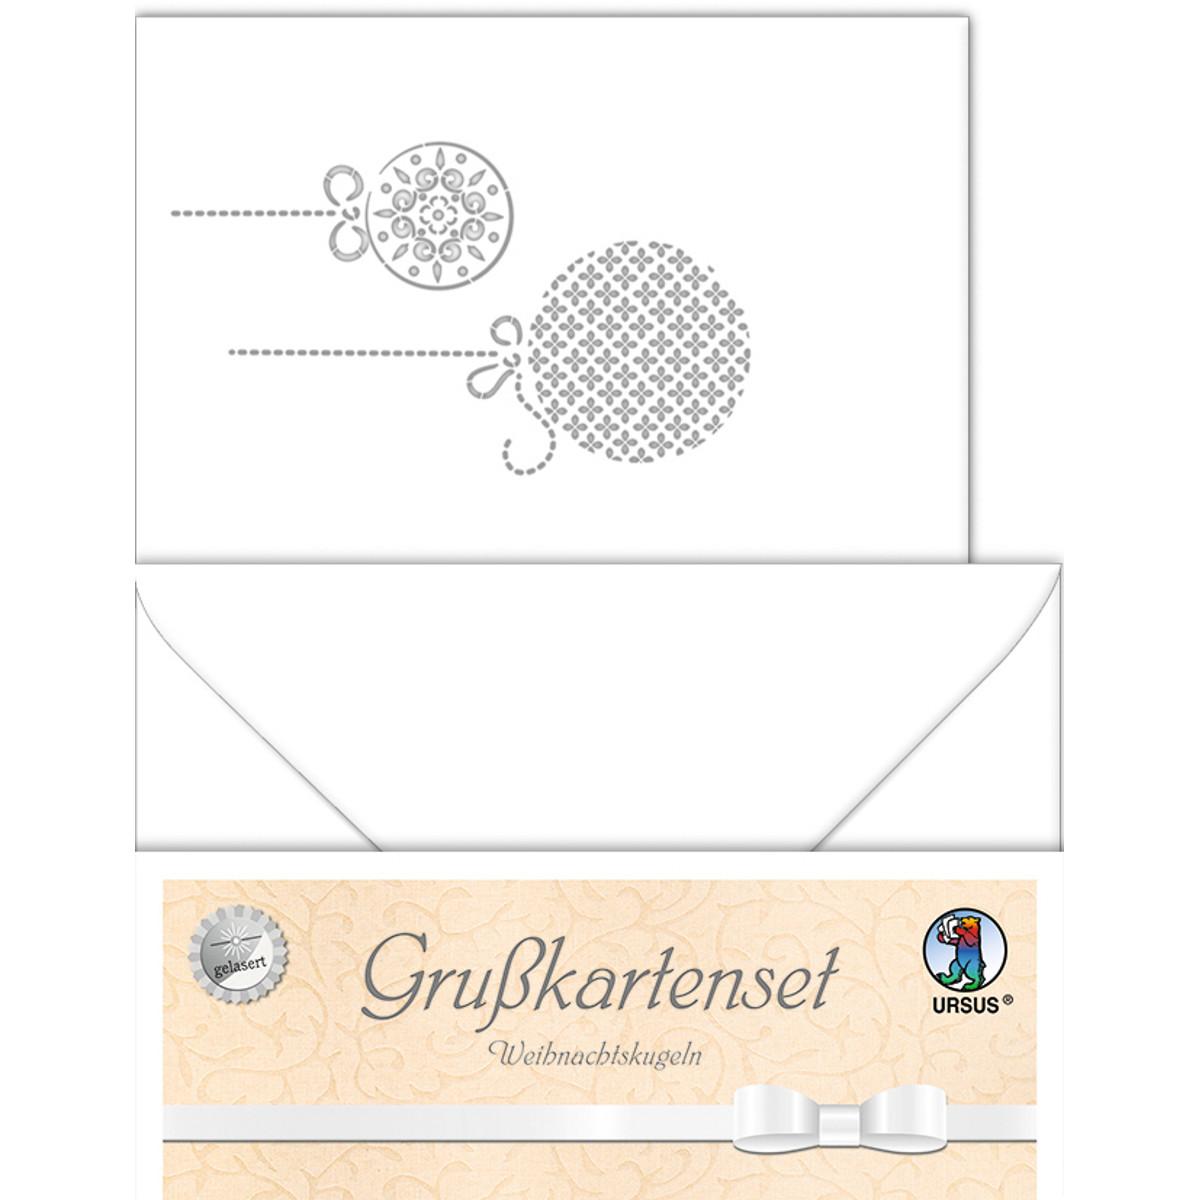 Weihnachtskugeln Weiß.Grußkarten Gelasert Weihnachtskugeln Weiß 5 Karten